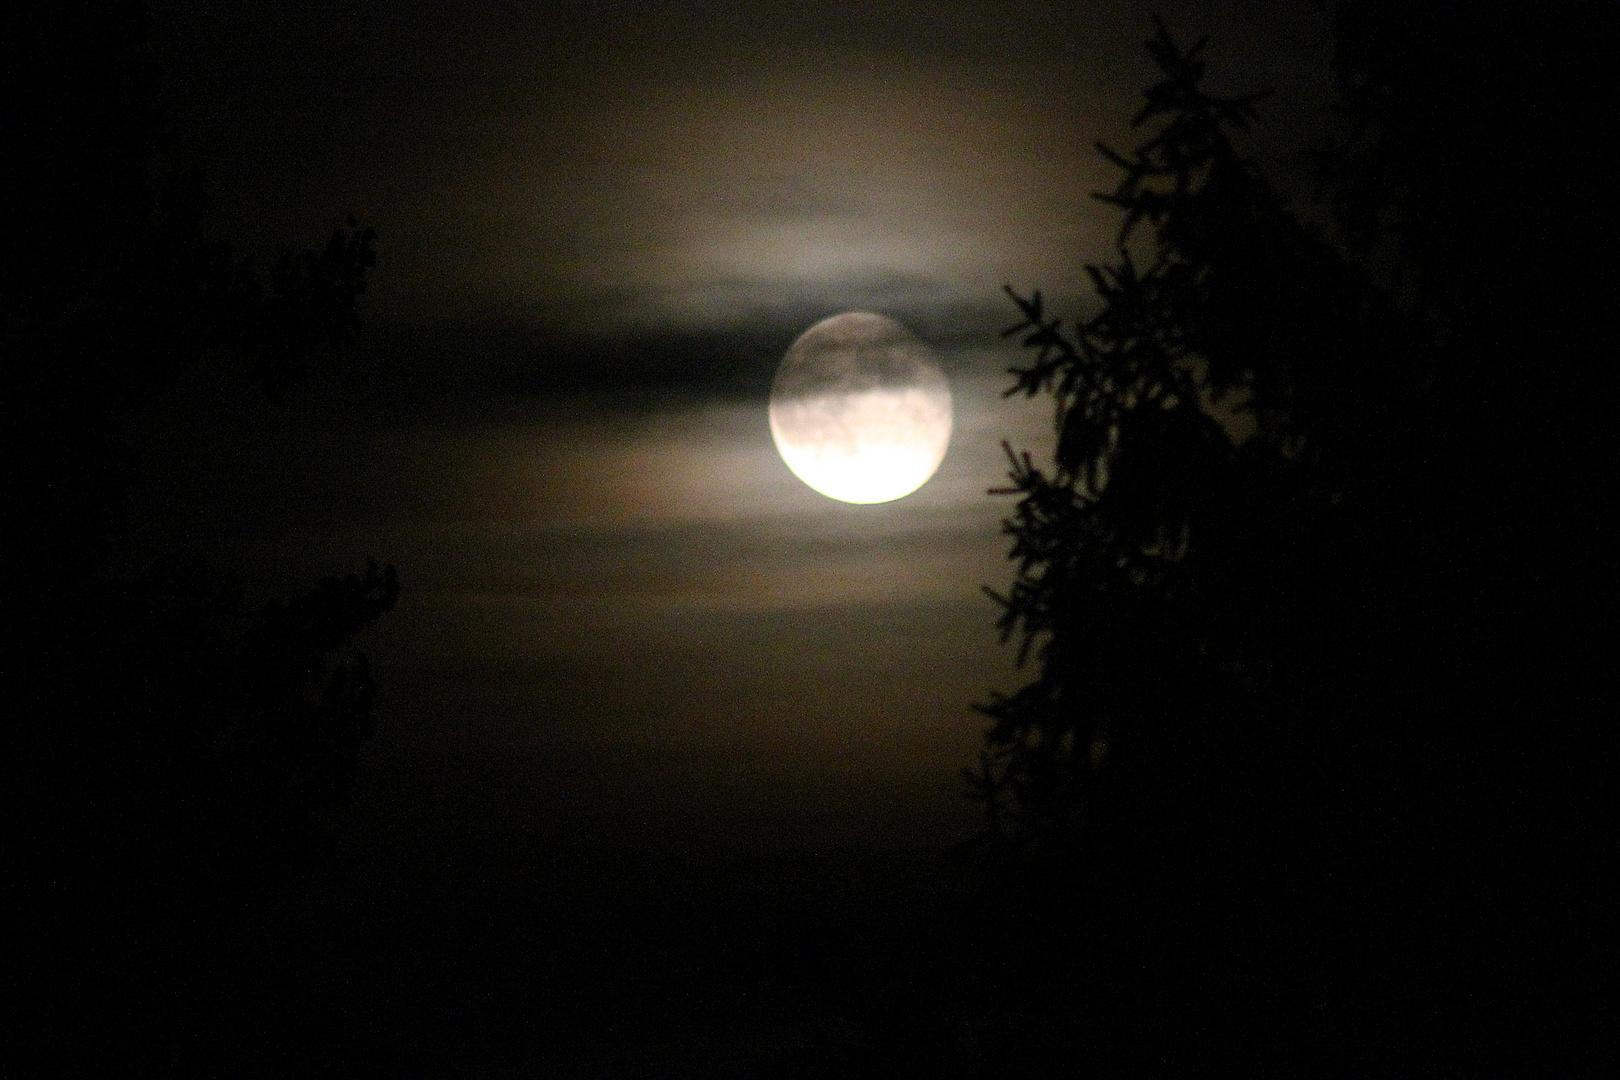 Der Mond über Rüsselsheim - ein Schnappschuss